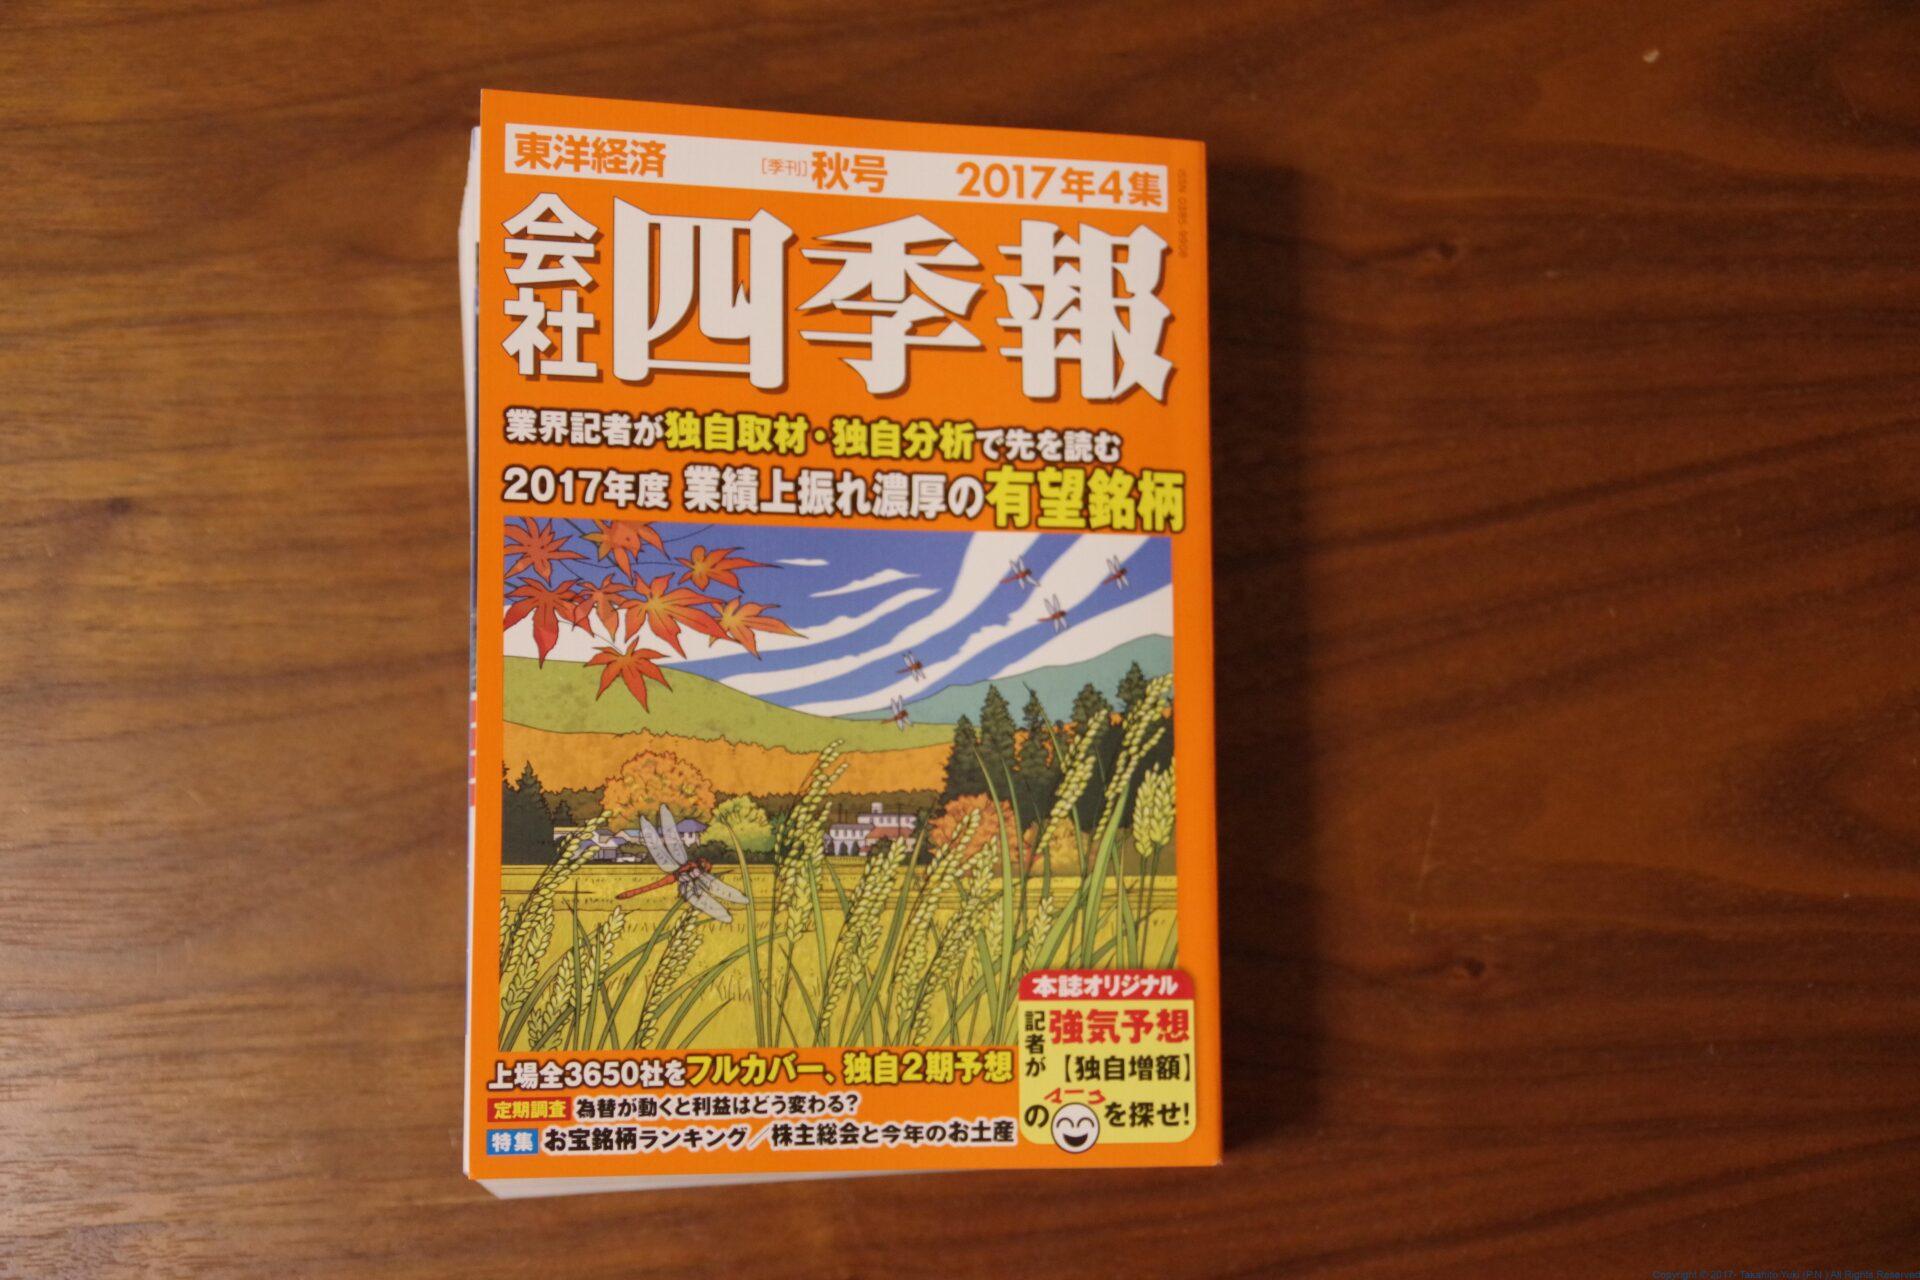 『会社四季報』2017年4集(秋号)